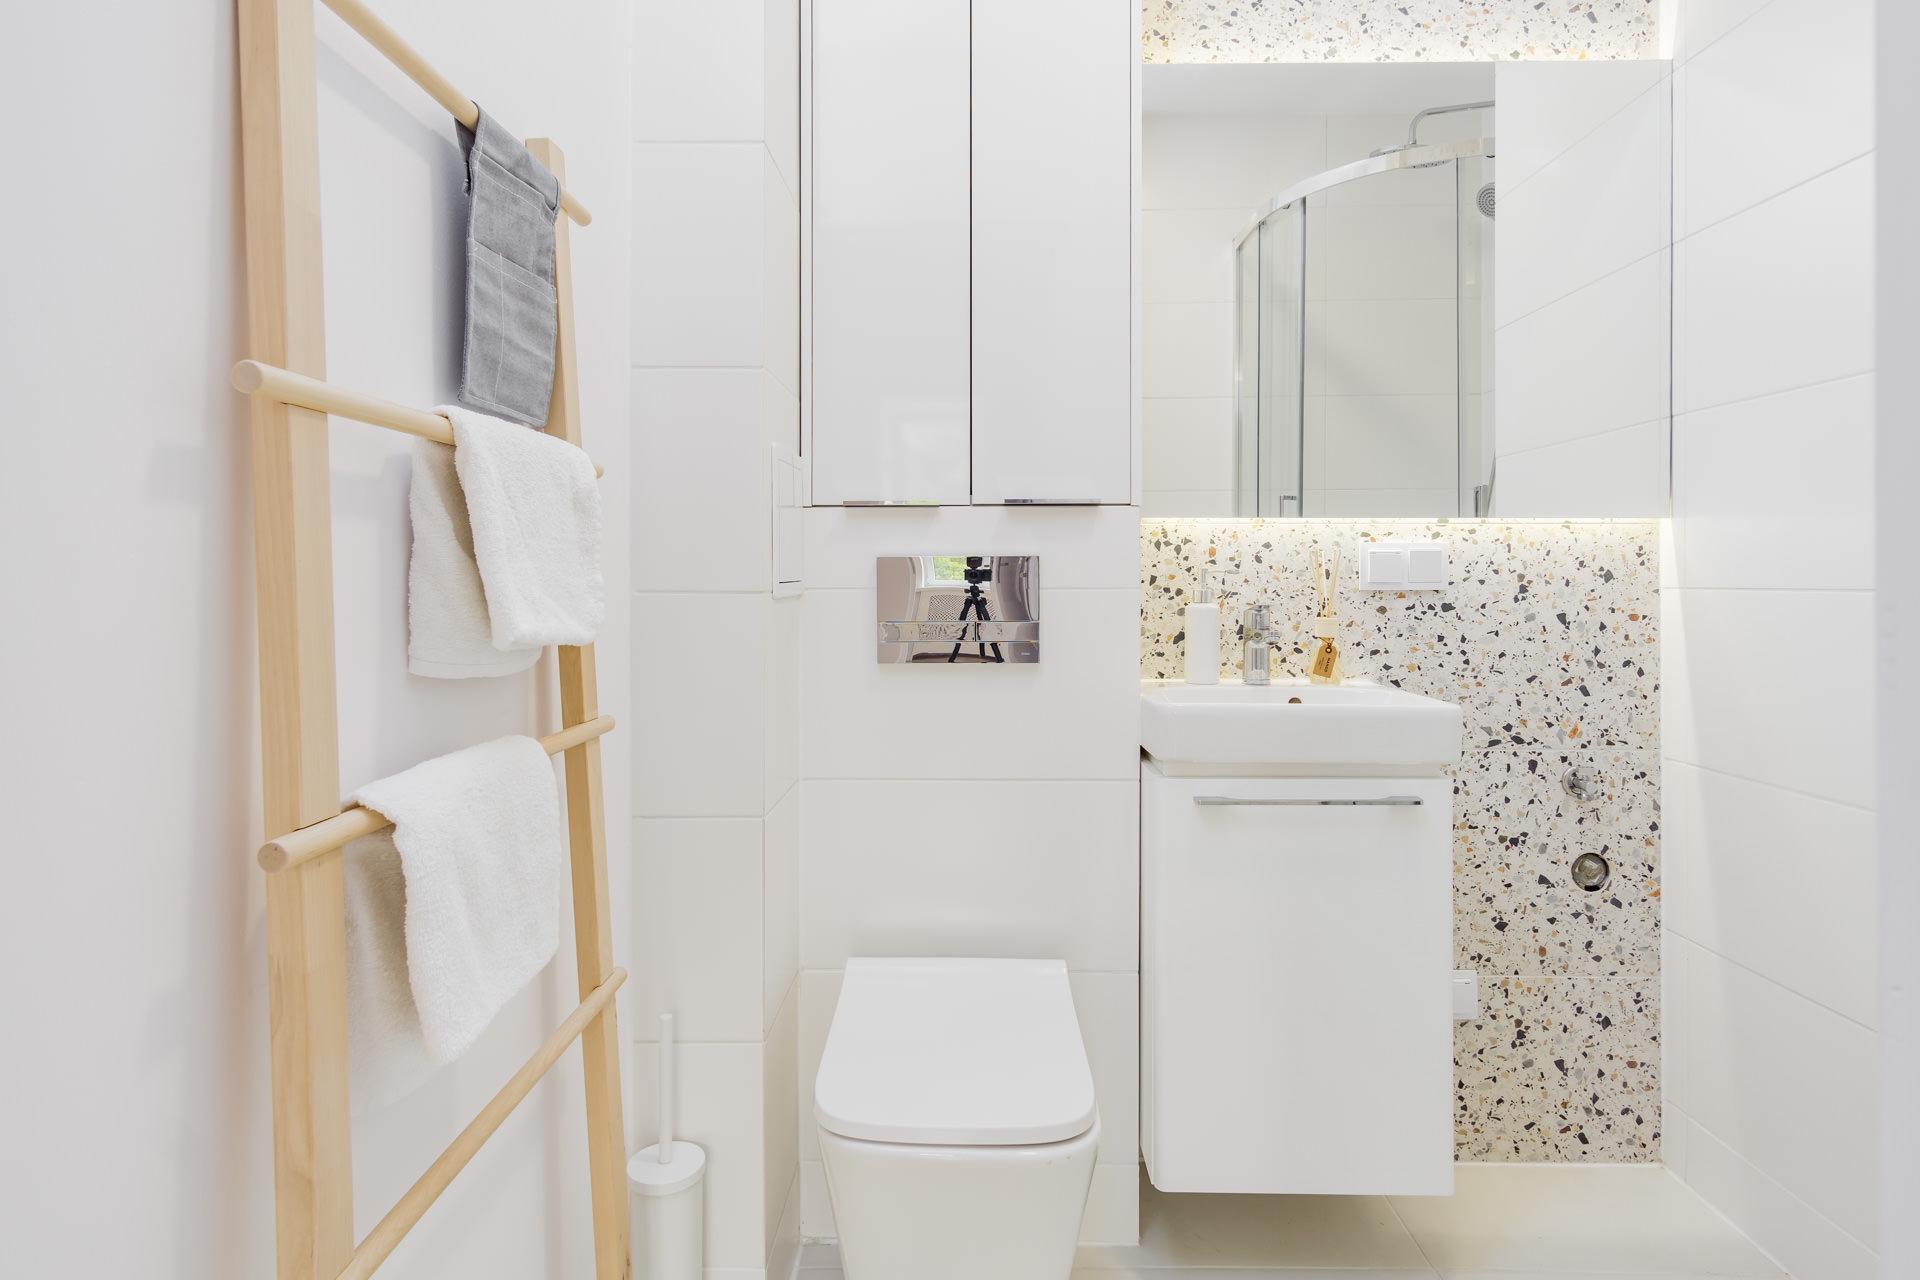 projekt wnętrz mieszkania - łazienka